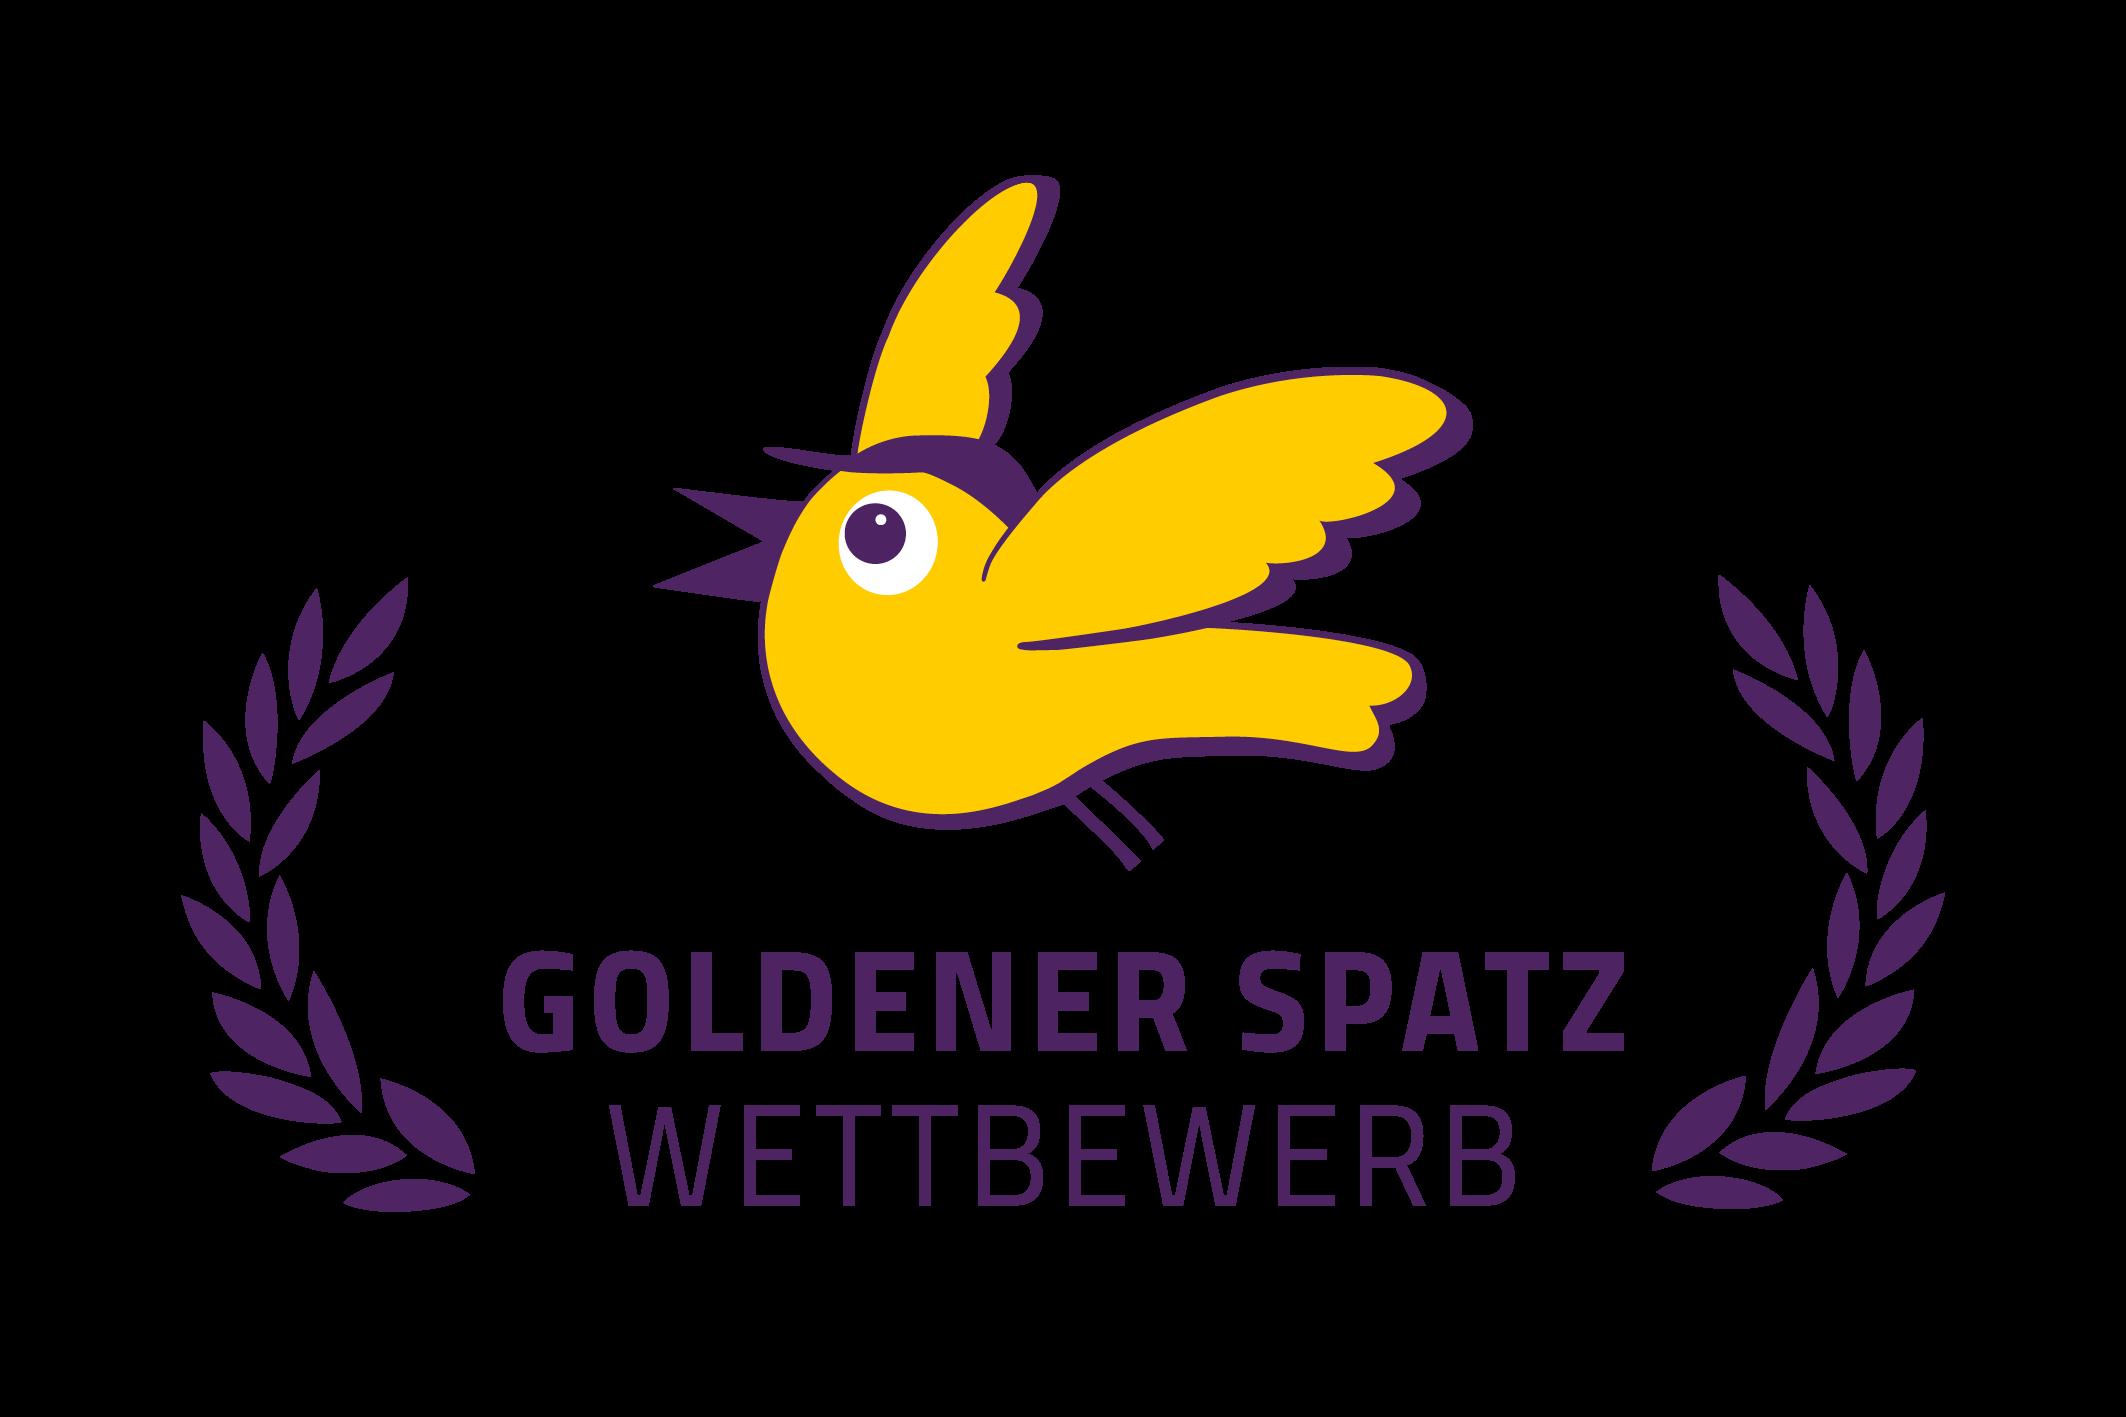 Goldener Spatz Wettbewerb Logo